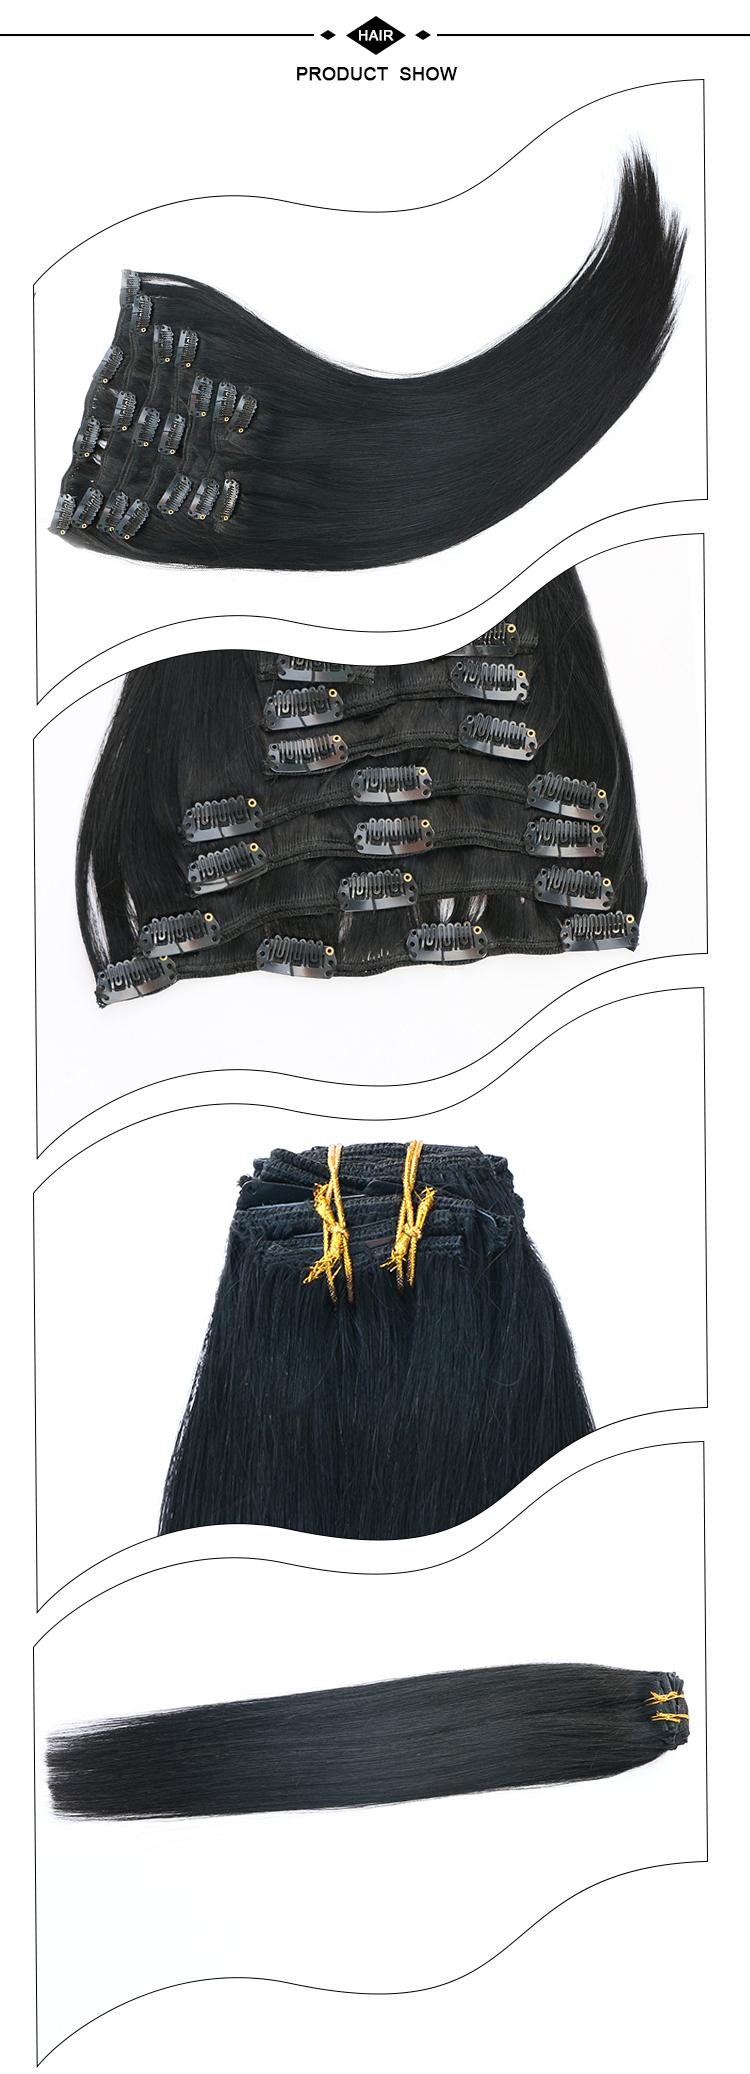 XDhair 100 gramas 8 pcs por saco de cor 1 jet black preço de atacado dupla desenhada grampo no cabelo humano remy extensões